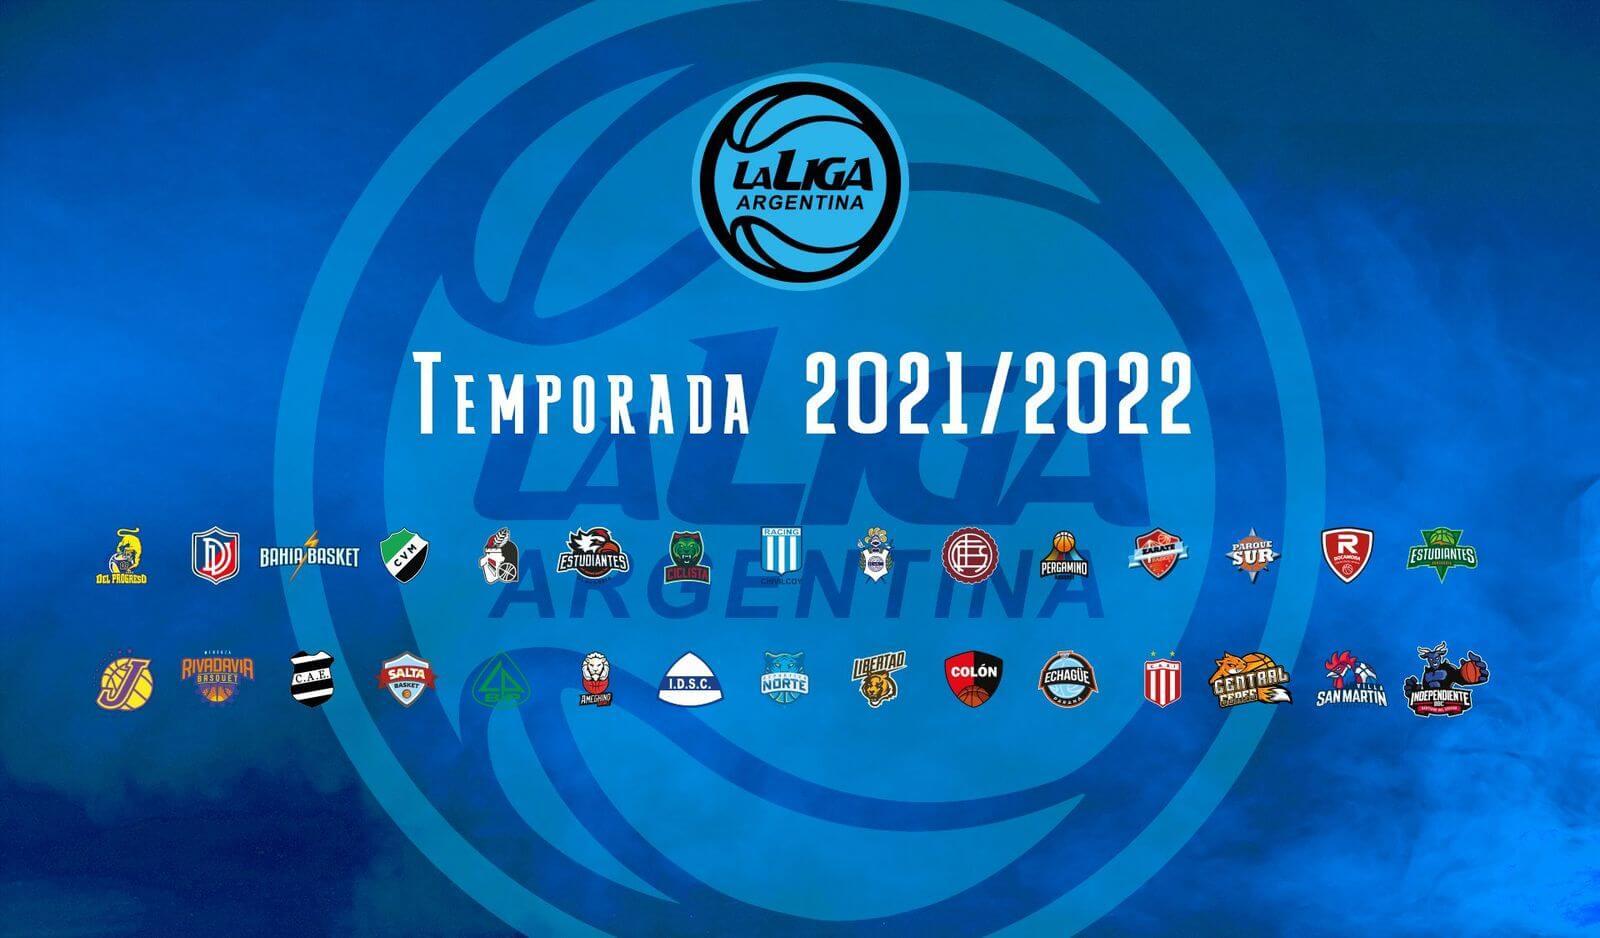 La Liga Argentina, segunda categoría de nuestro básquet, hoy confirmo la fecha de inicio de la misma y como se jugara la temporada. Cabe resaltar que este torneo otorga el ascenso a La Liga Nacional, que es la máxima categoría de básquet en nuestro país.